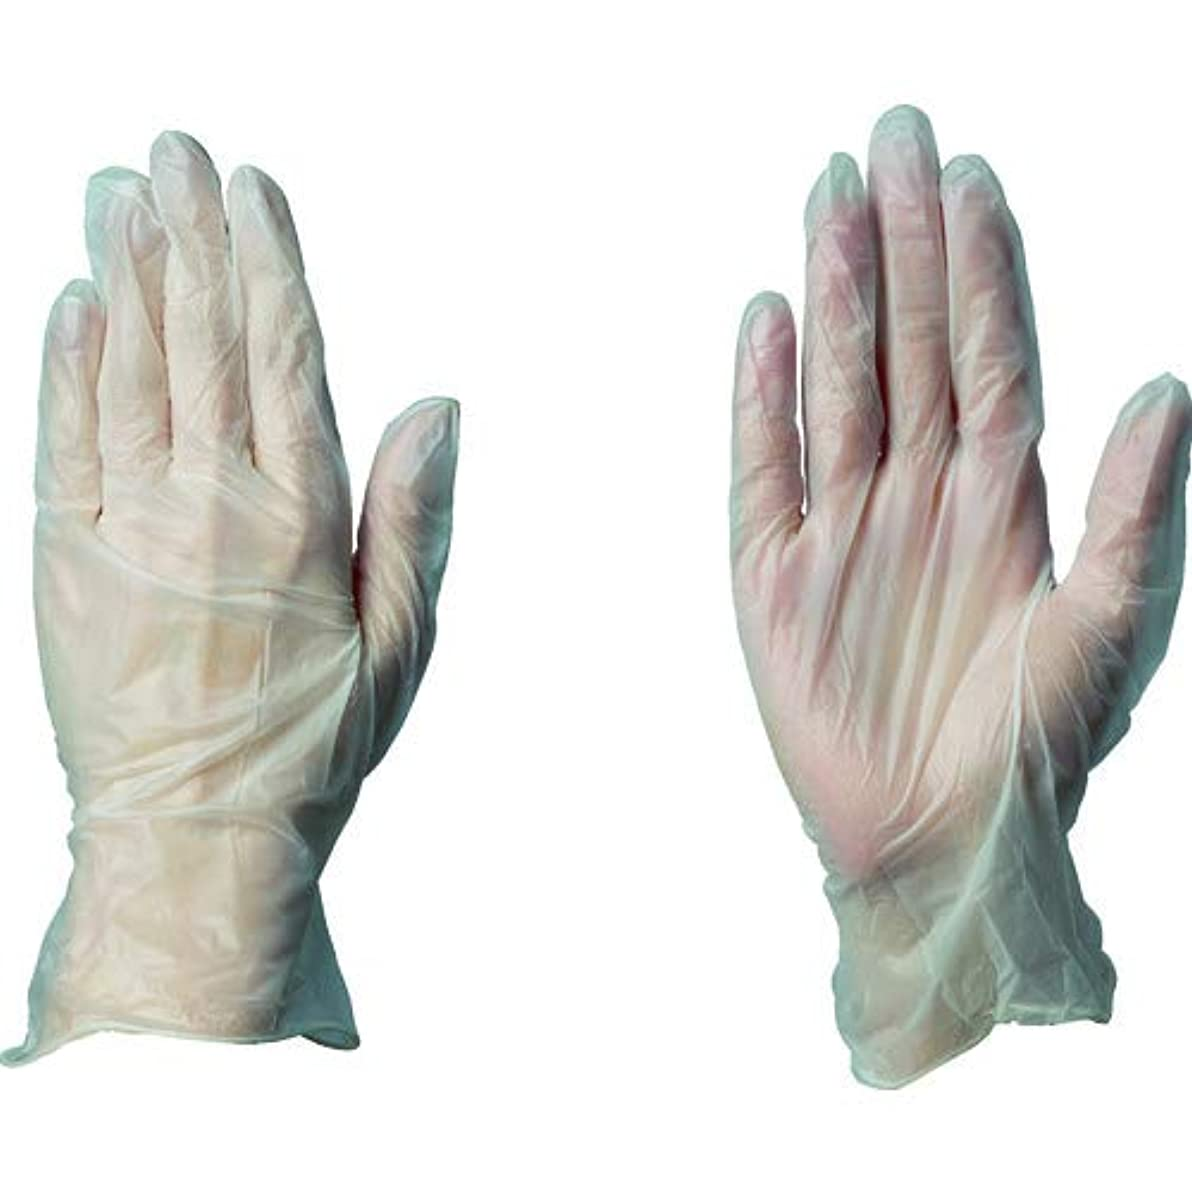 フィットネス兄賭けハクゾウプラスチックグローブMFPF L(80マイ) ハクゾウメディカル